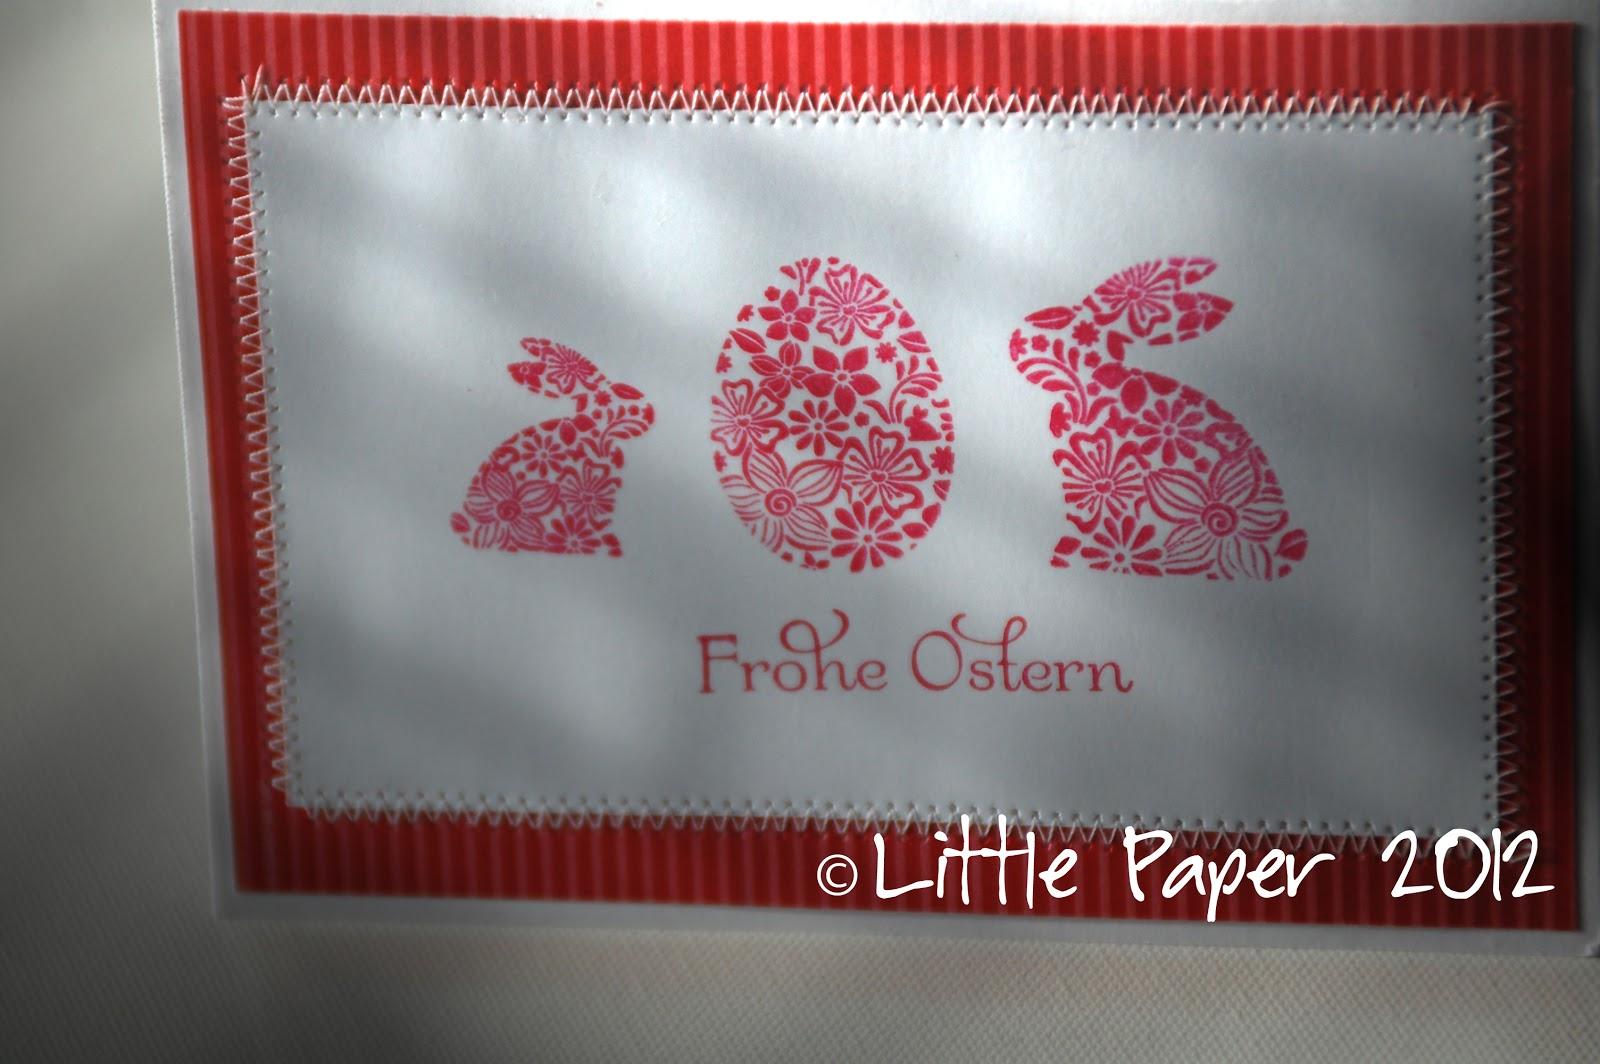 http://3.bp.blogspot.com/-nvJ4CZ4NGmI/T1UE9gMaeyI/AAAAAAAAAKo/BZ4gD8E6hWw/s1600/Ostern+08.jpg